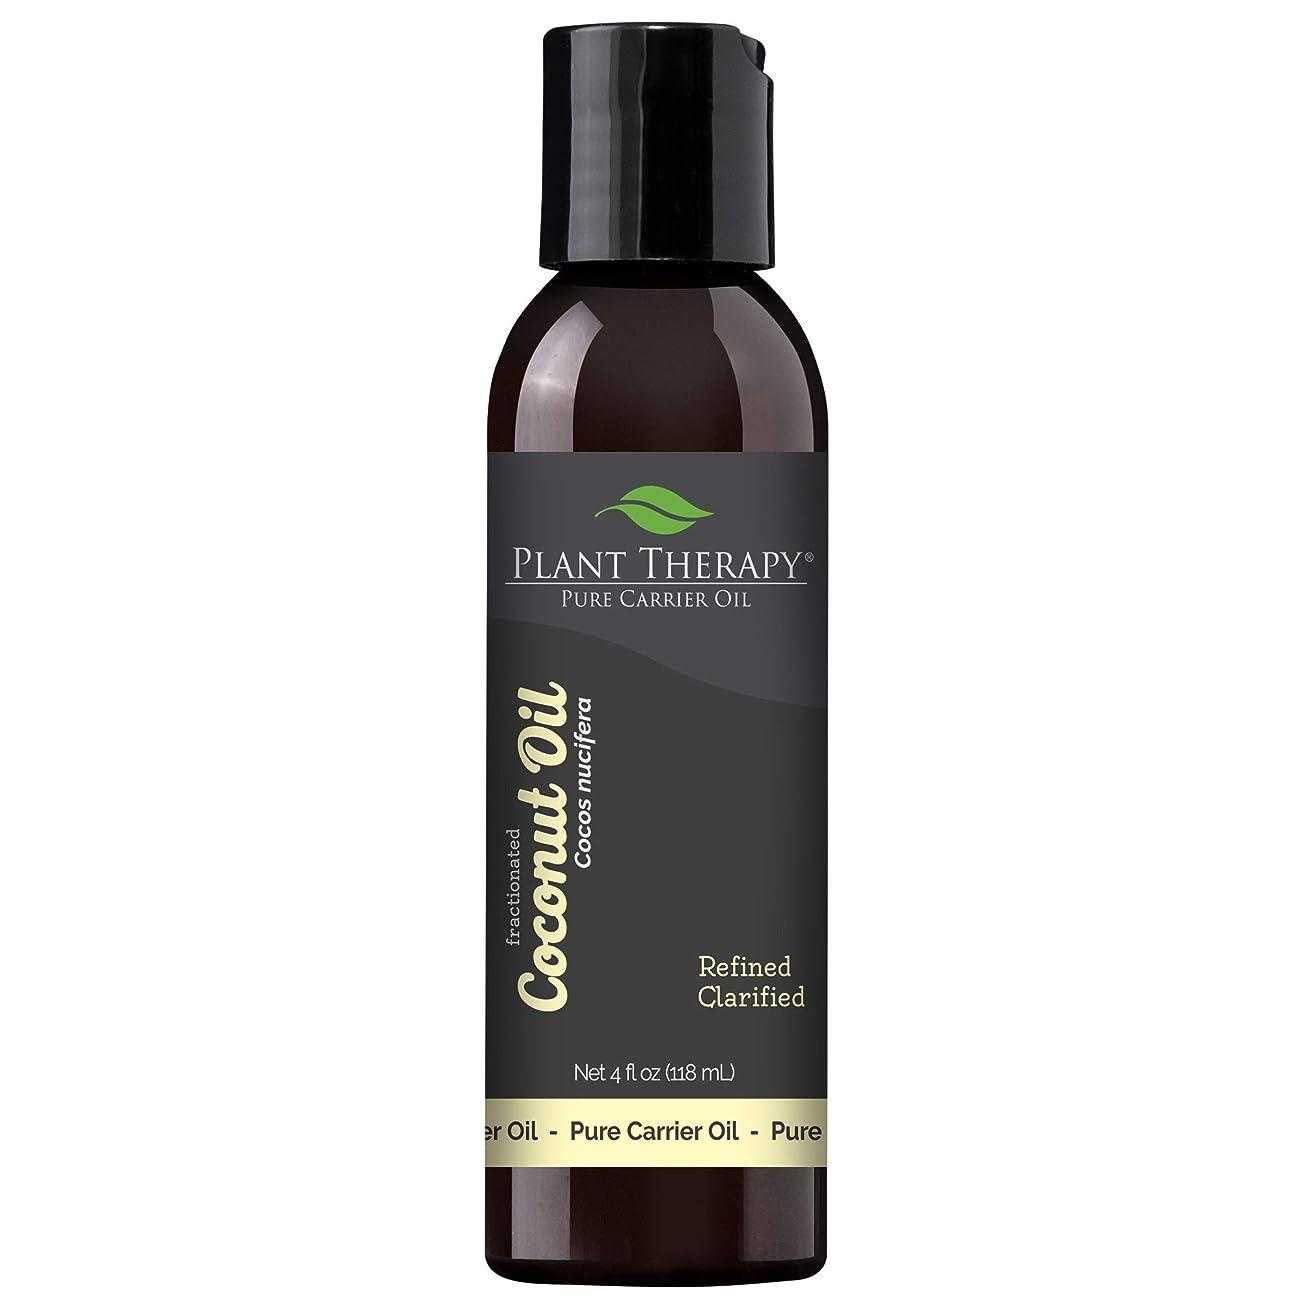 たるみご近所Plant Therapy Essential Oils (プラントセラピー エッセンシャルオイル) ココナッツ (分別蒸留) 4 オンス キャリアオイル